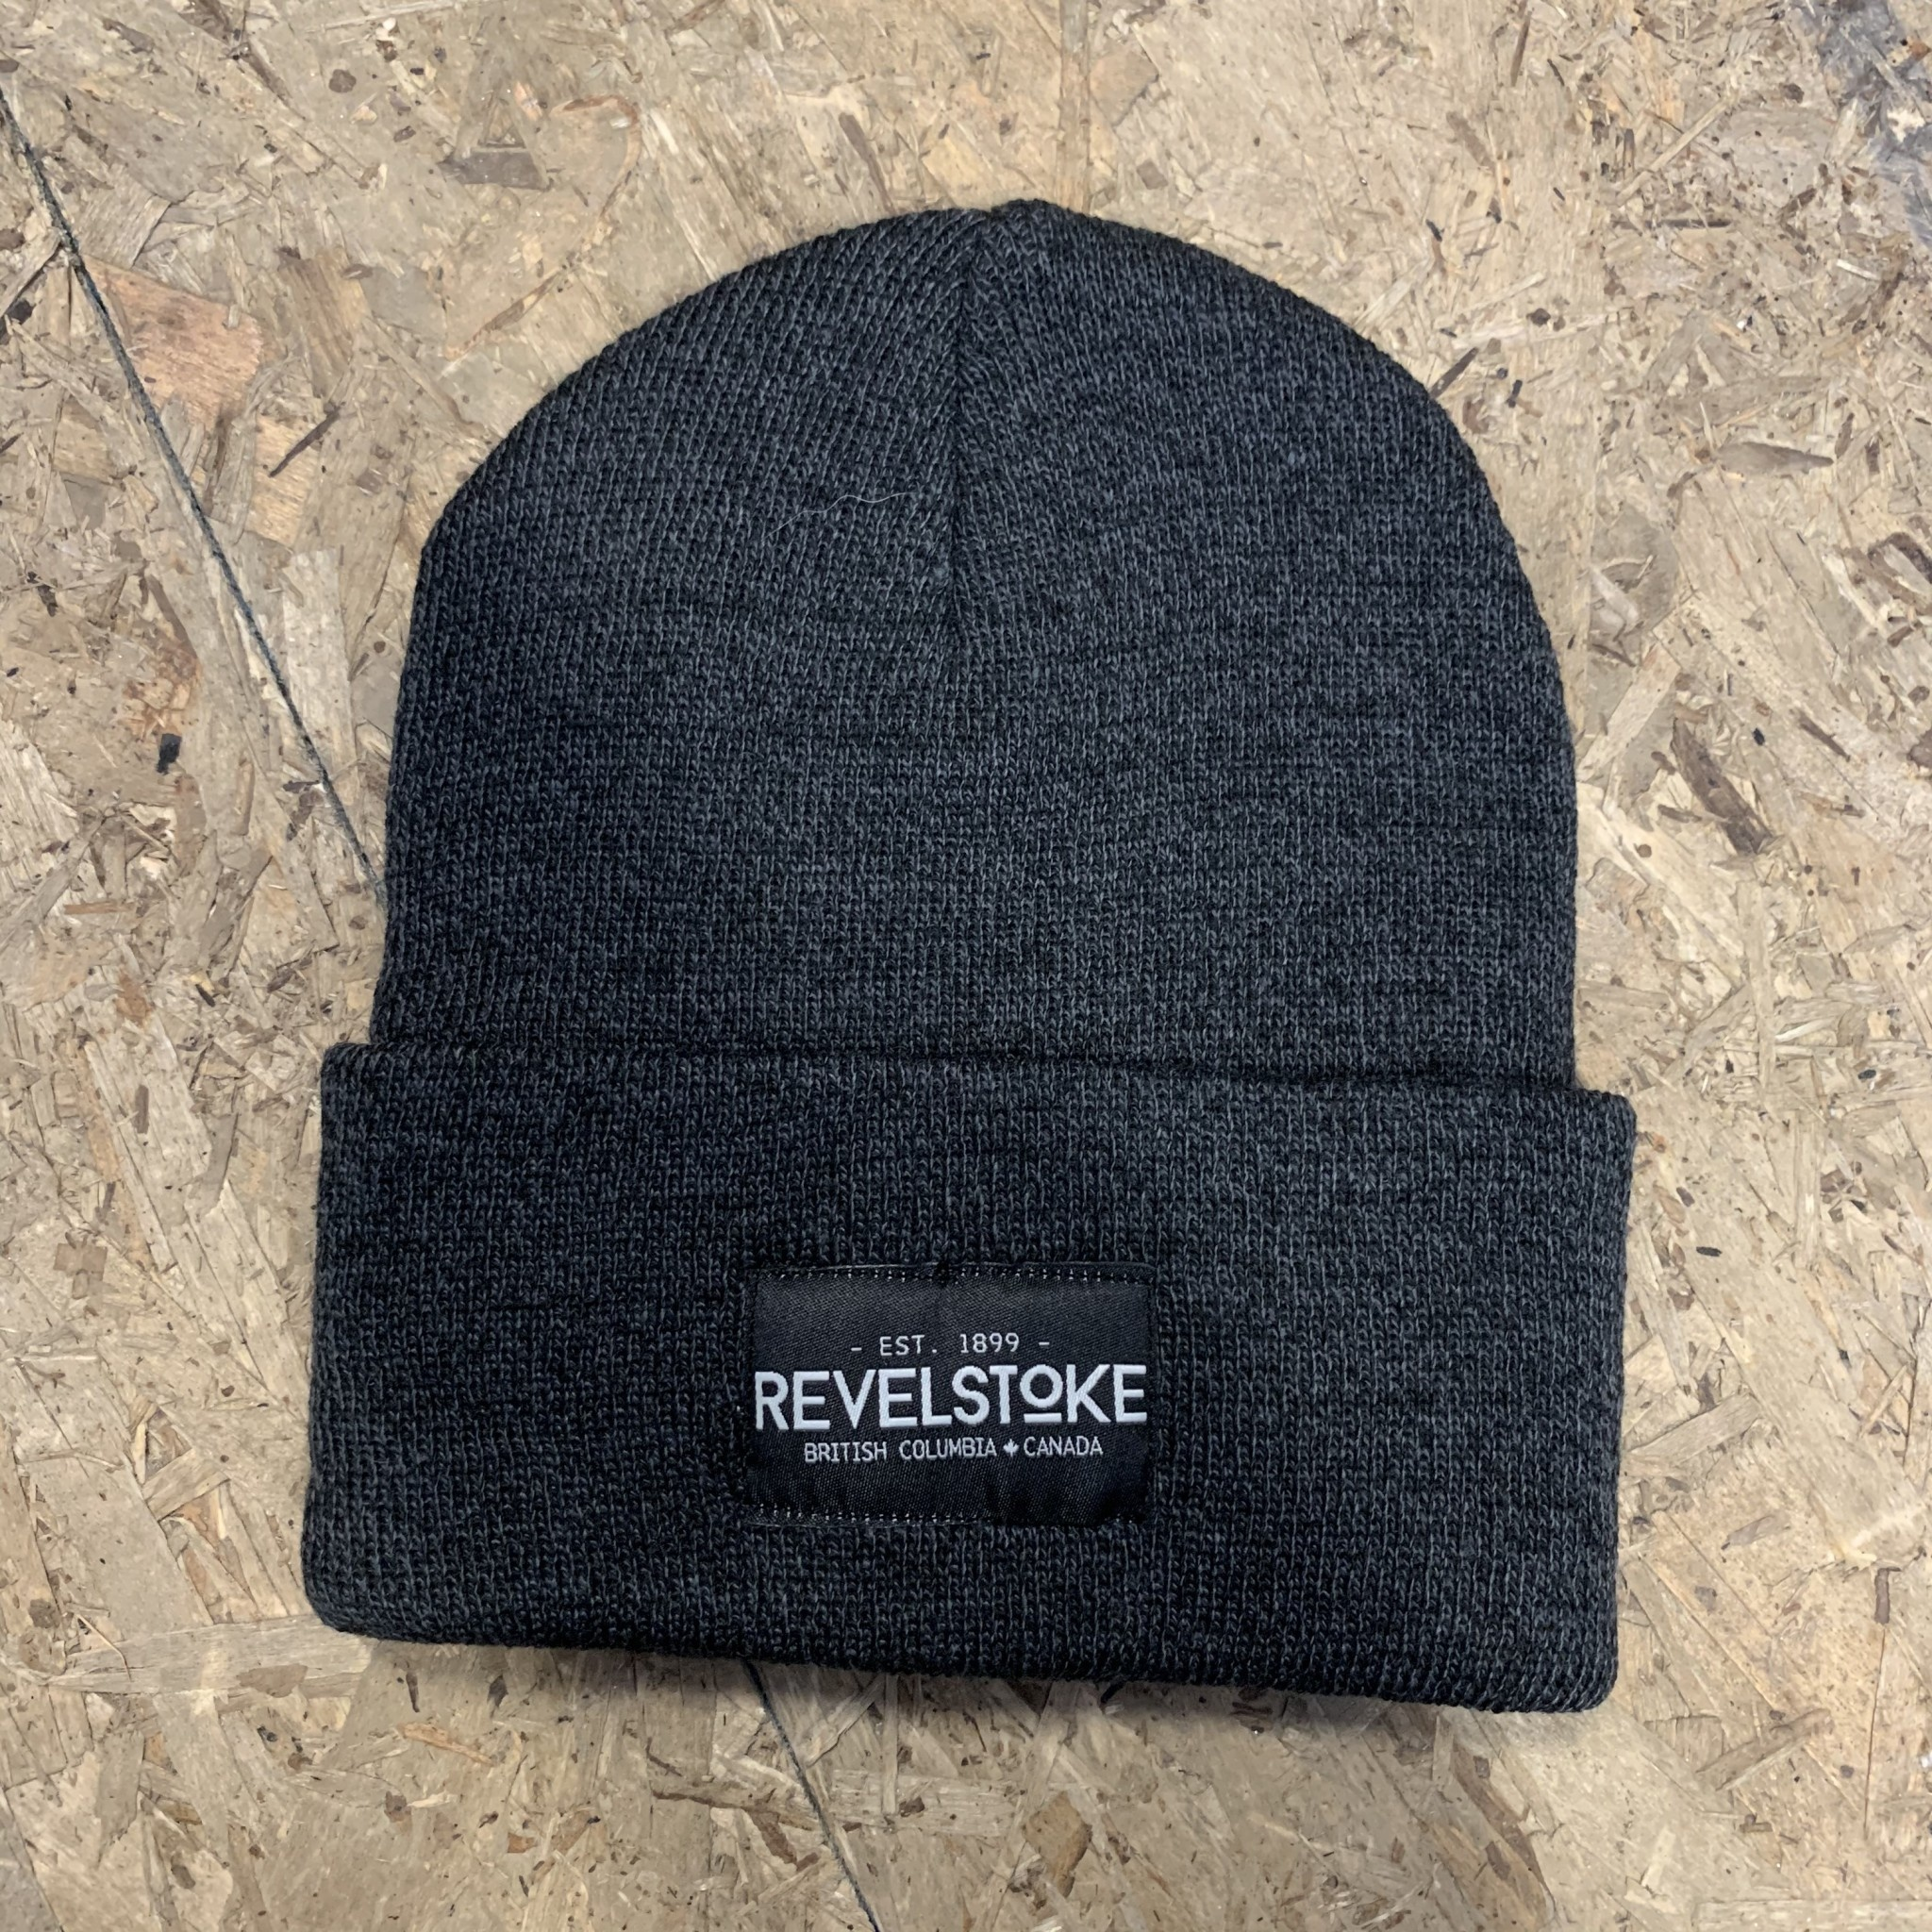 Revelstoke Trading Post Revelstoke - Trading Co. Toque - Charcoal